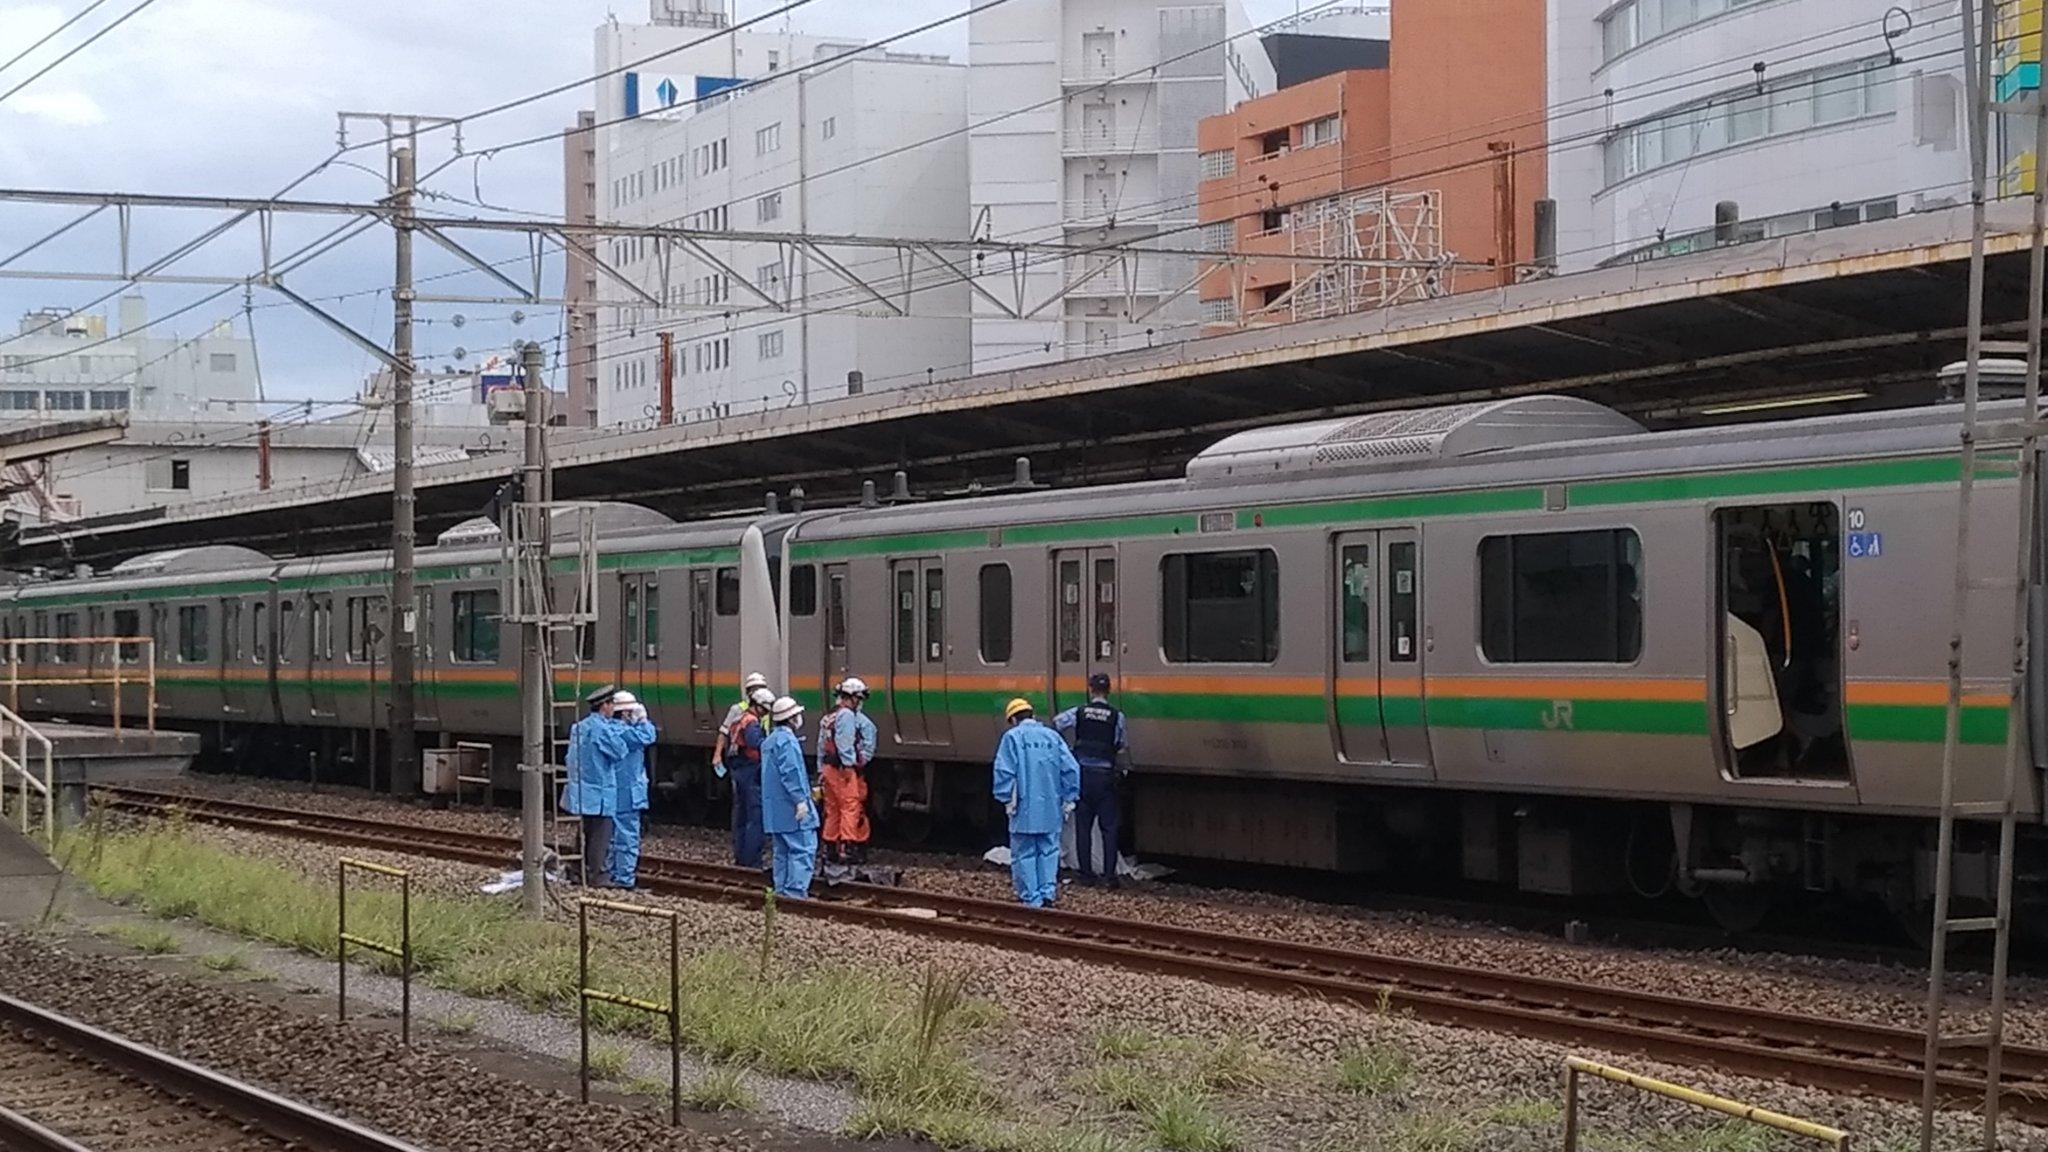 画像,このあたりに埋まってるのか。#藤沢駅#人身事故 https://t.co/zslyGYG9O6。